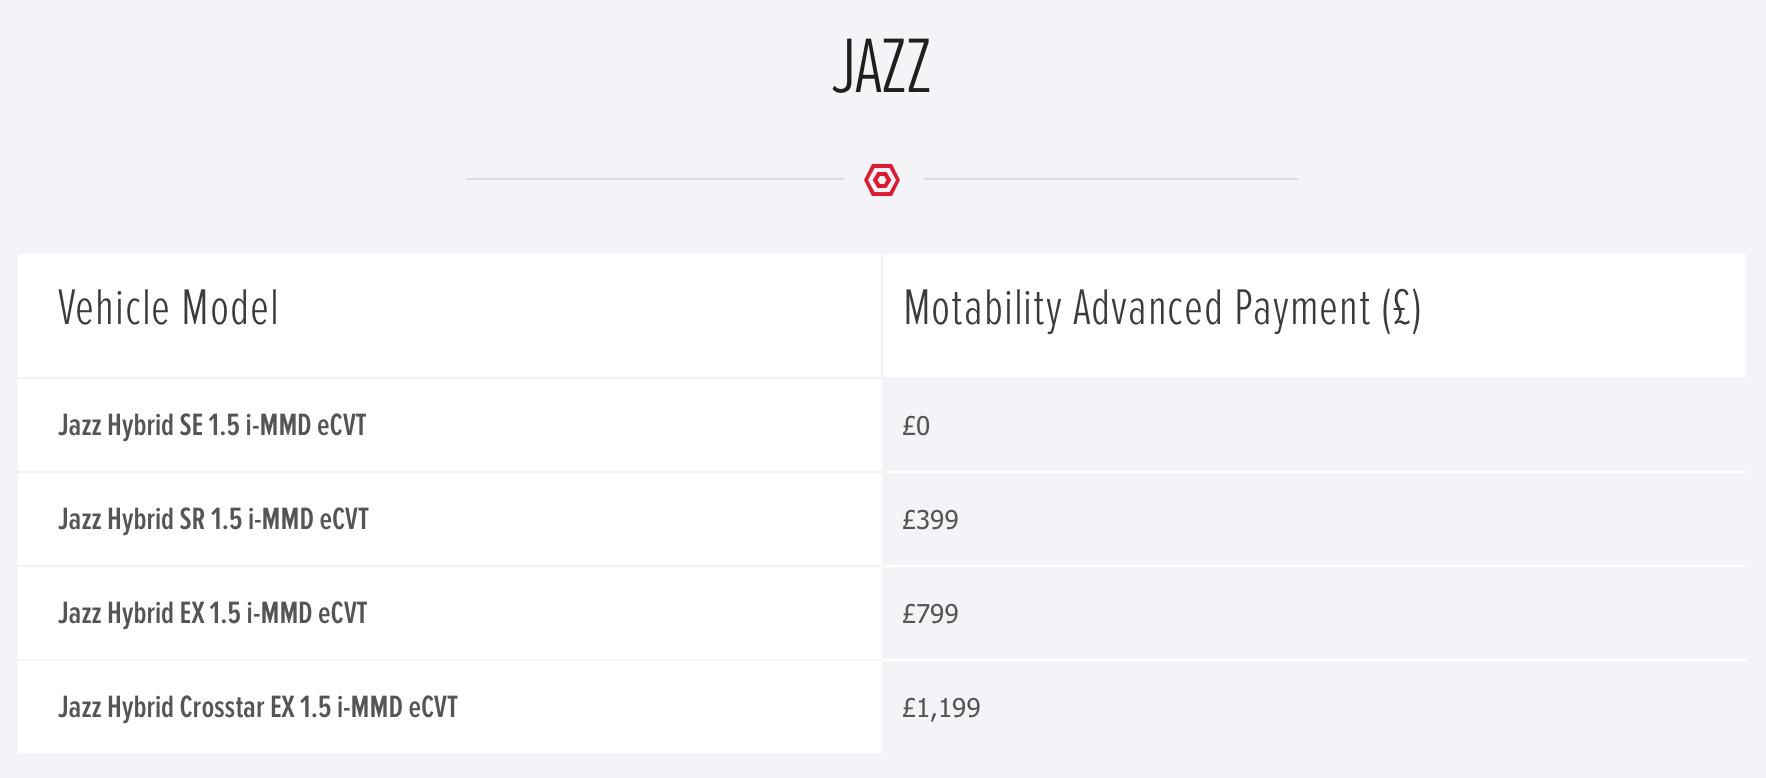 honda-jazz-motab-prices-jan2021.png